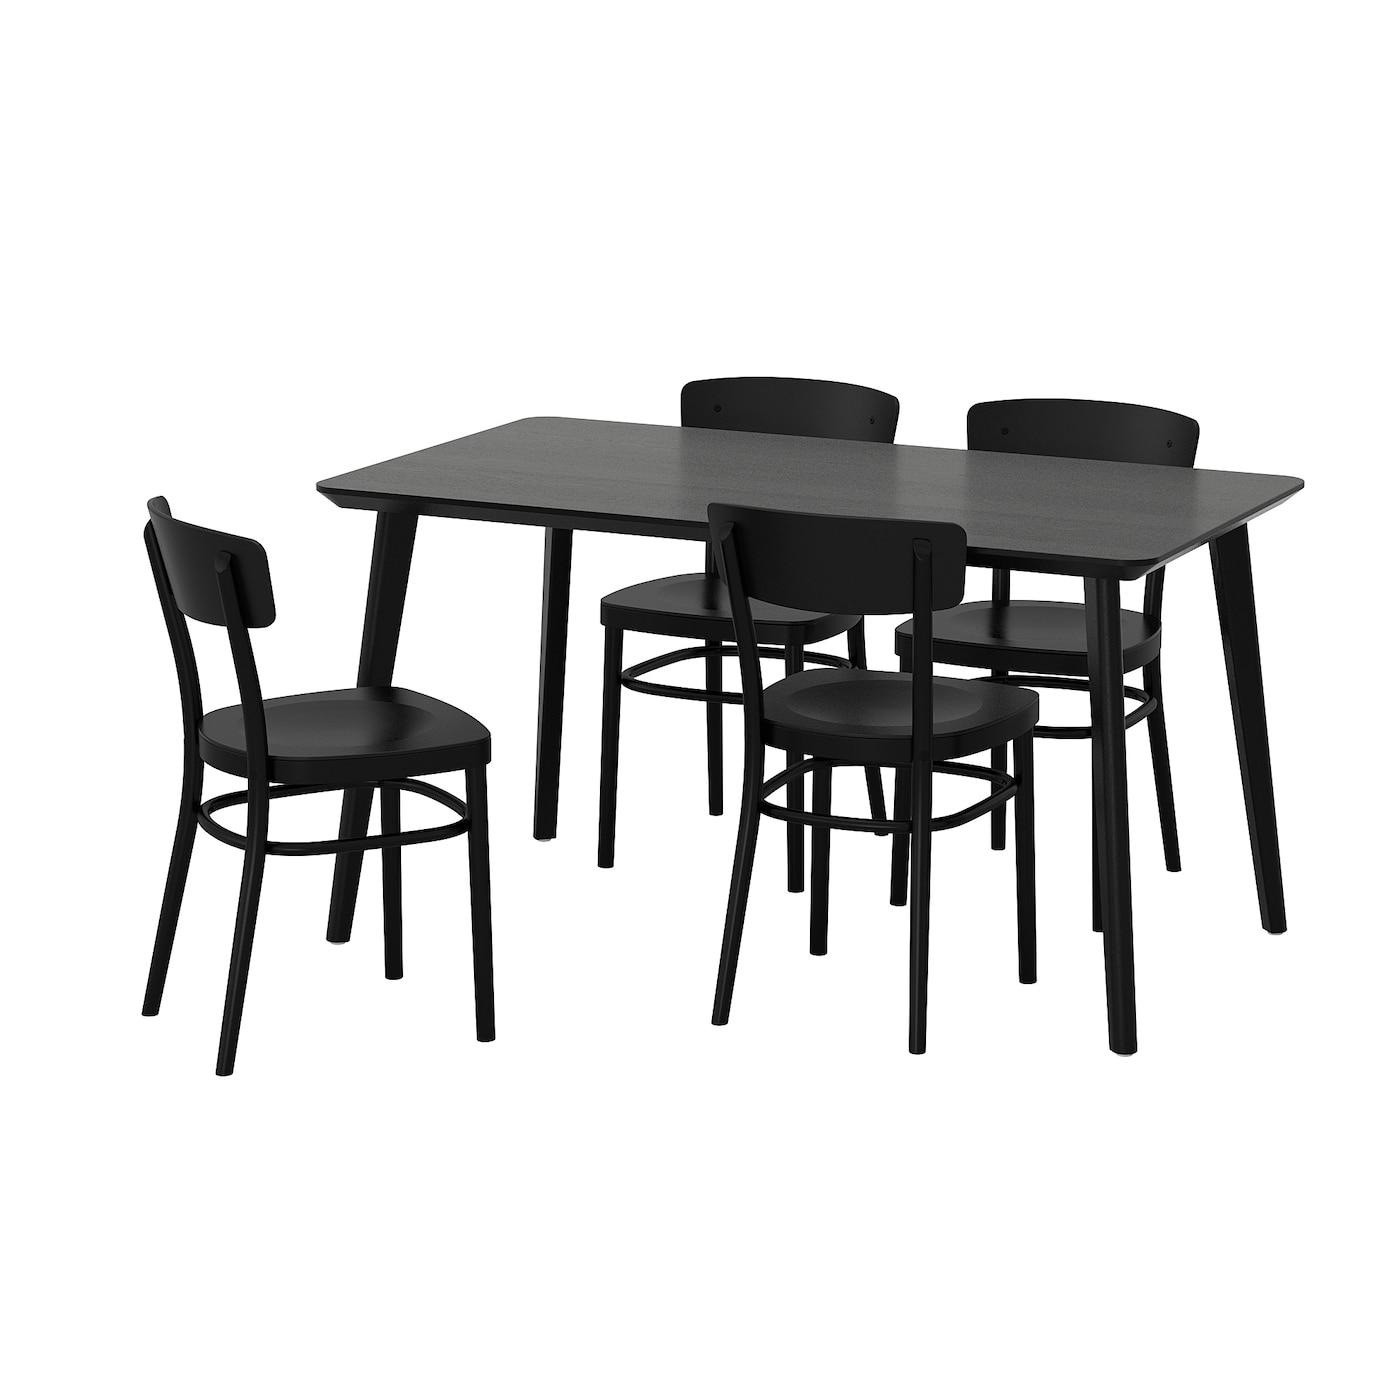 idolf lisabo table et 4 chaises noir noir 140x78 cm ikea. Black Bedroom Furniture Sets. Home Design Ideas